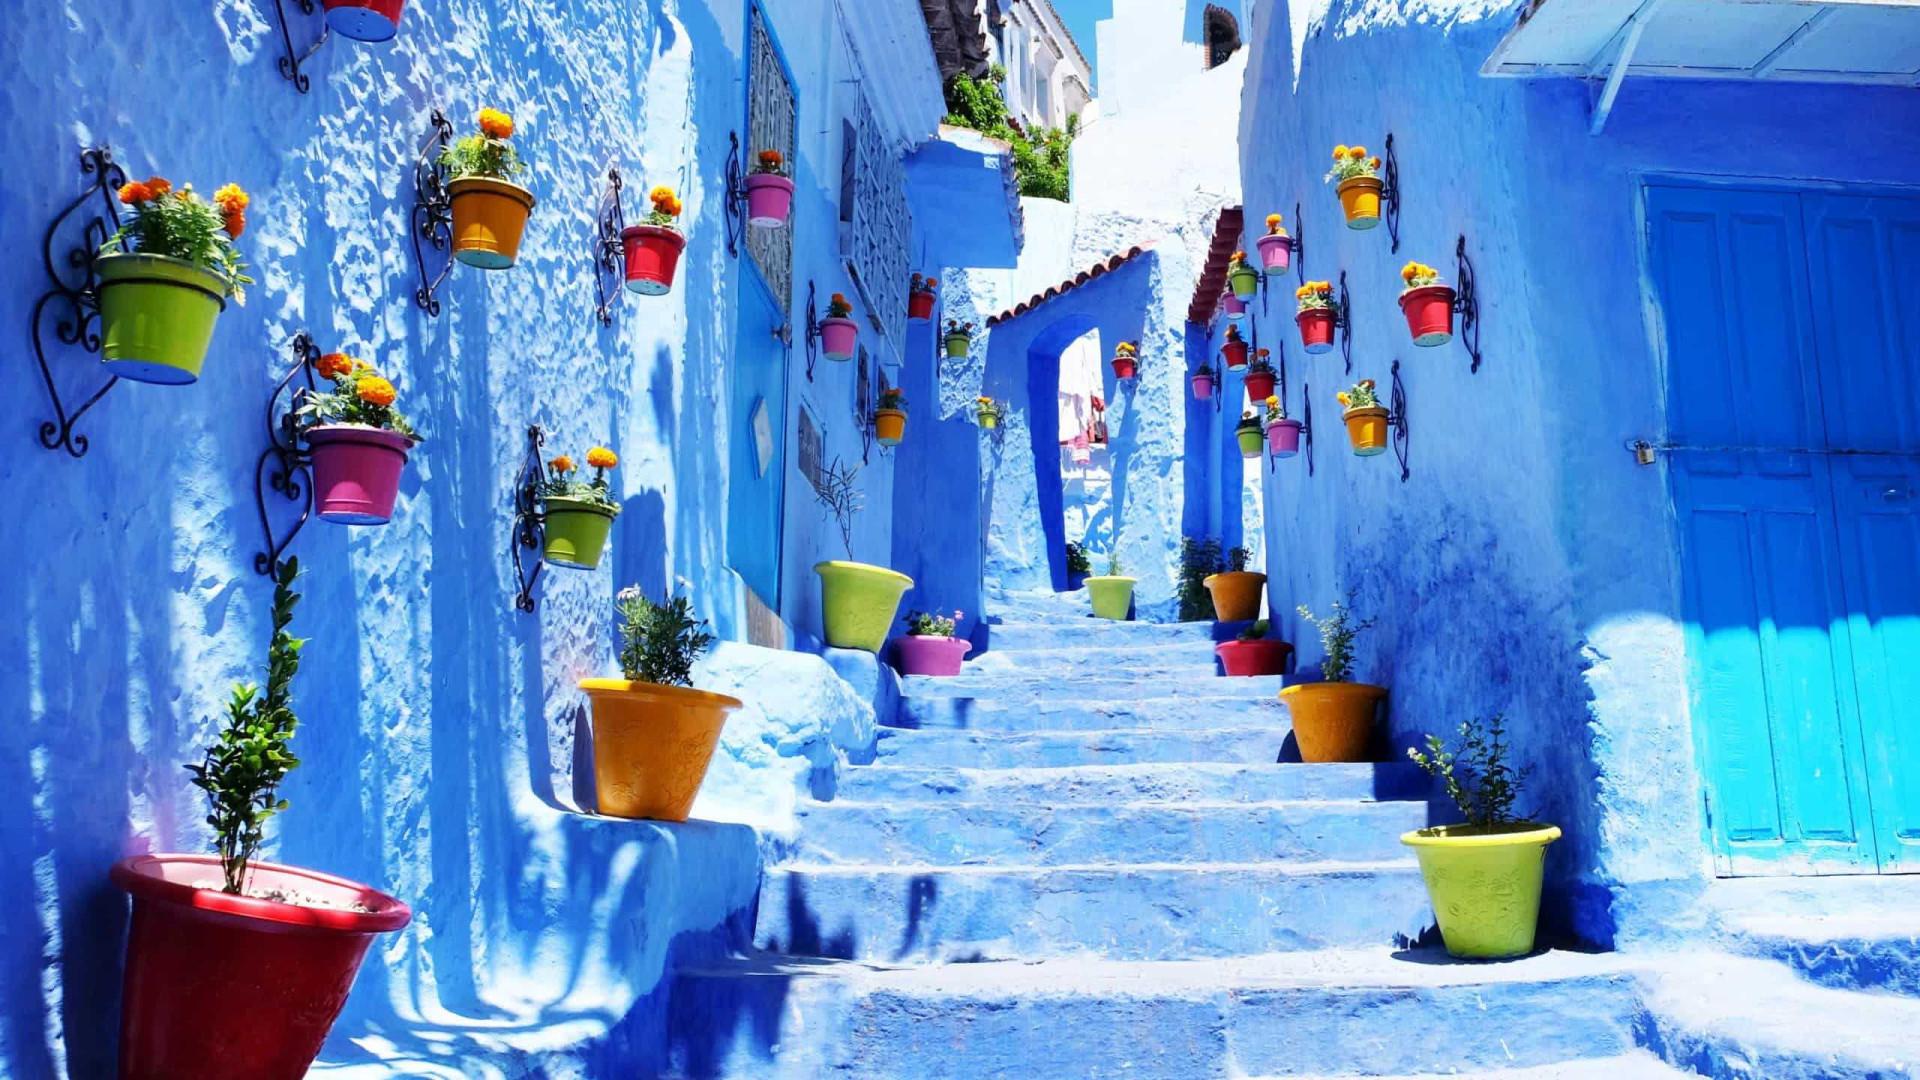 Pérola azul: A origem das fascinantes cores de Chefchaouen